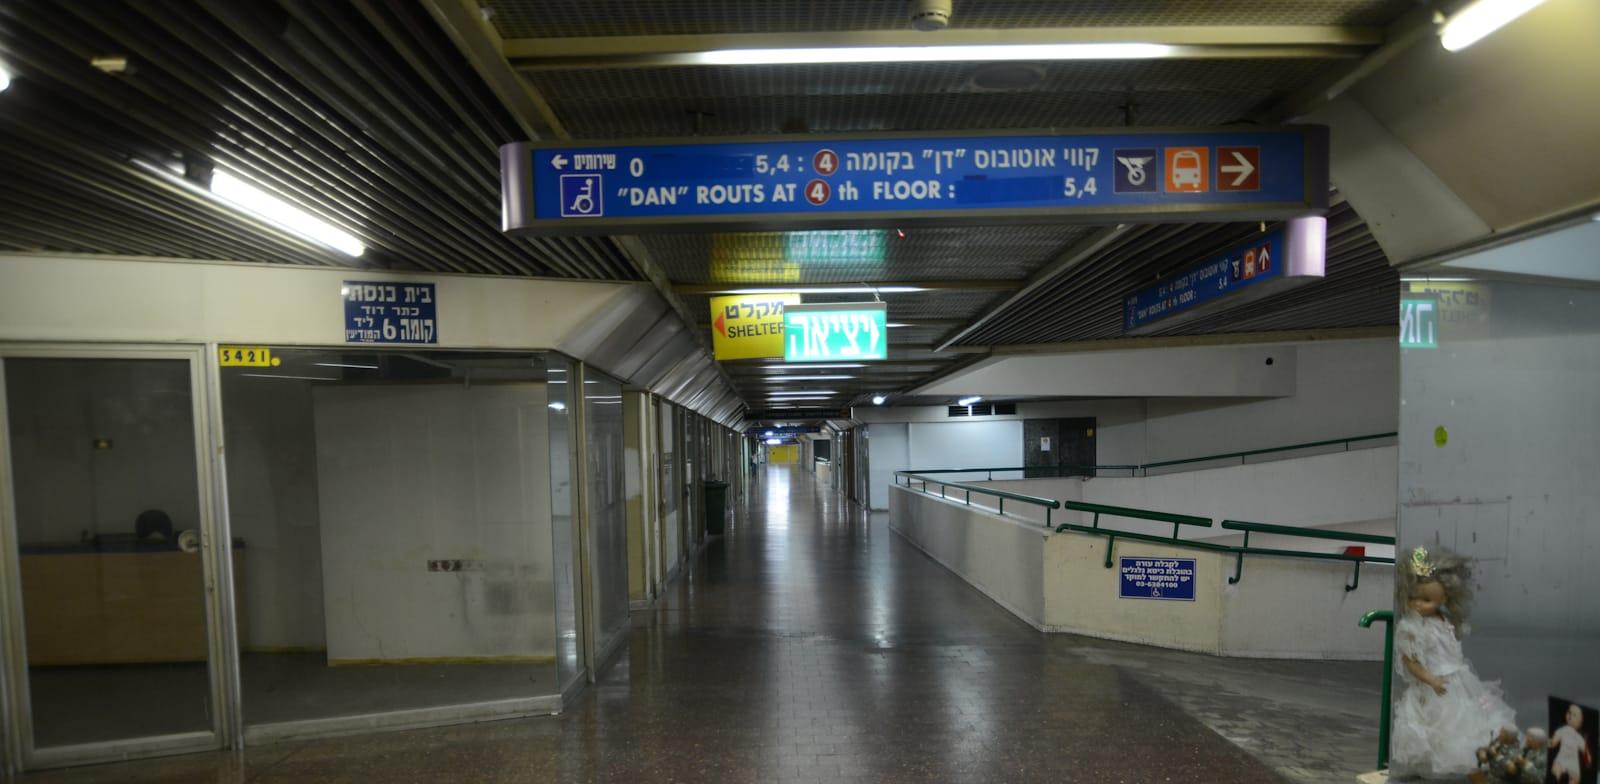 Tel Aviv New Central Bus Station Photo: Eyal Izhar